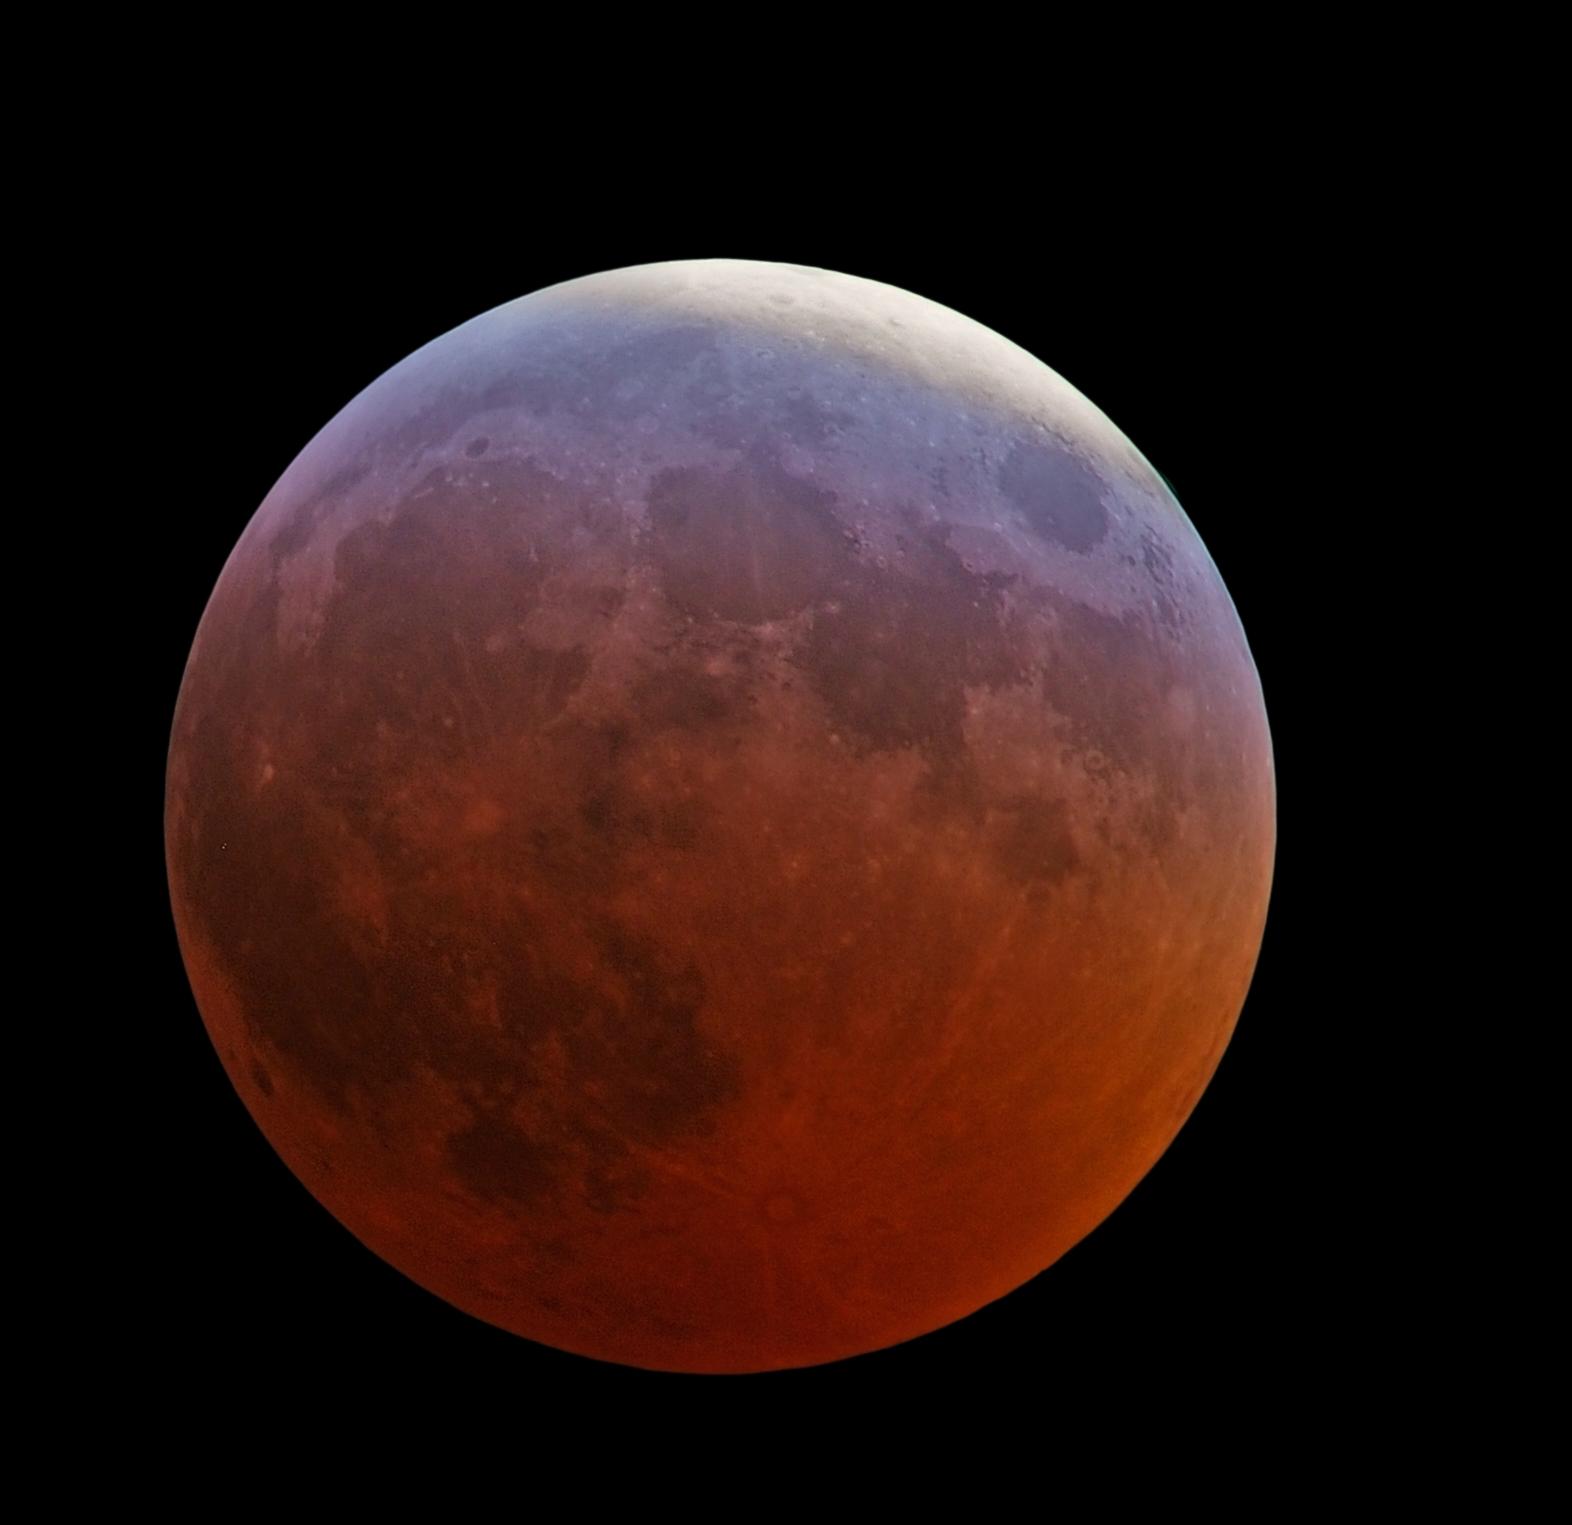 Bientôt, une 'Super Lune bleue de sang' dans le ciel